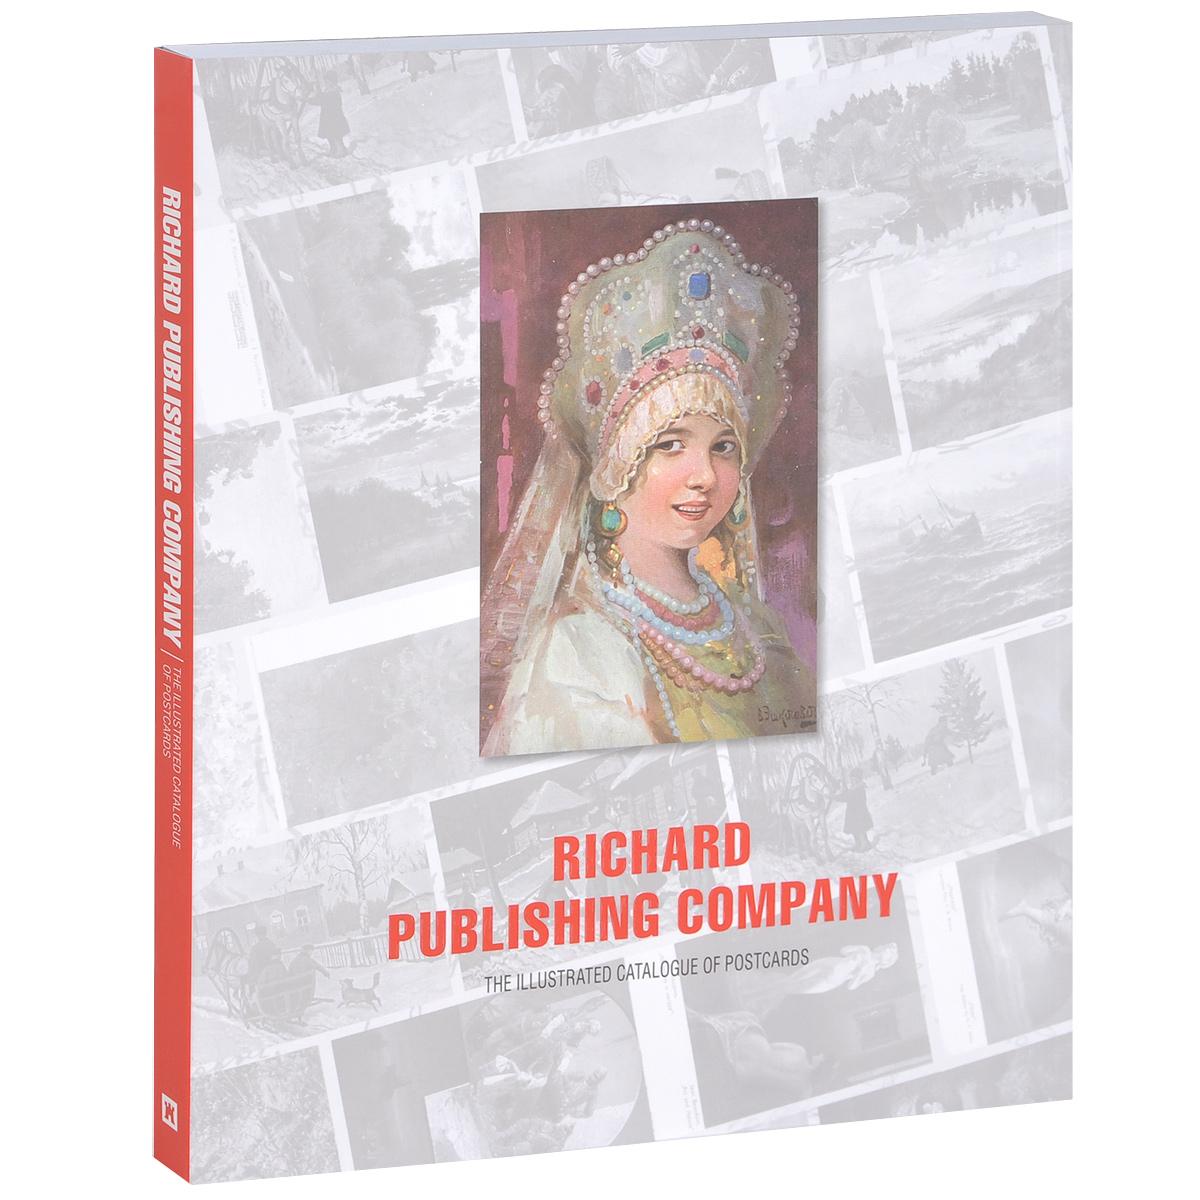 Издательства открыток и их каталоги 146